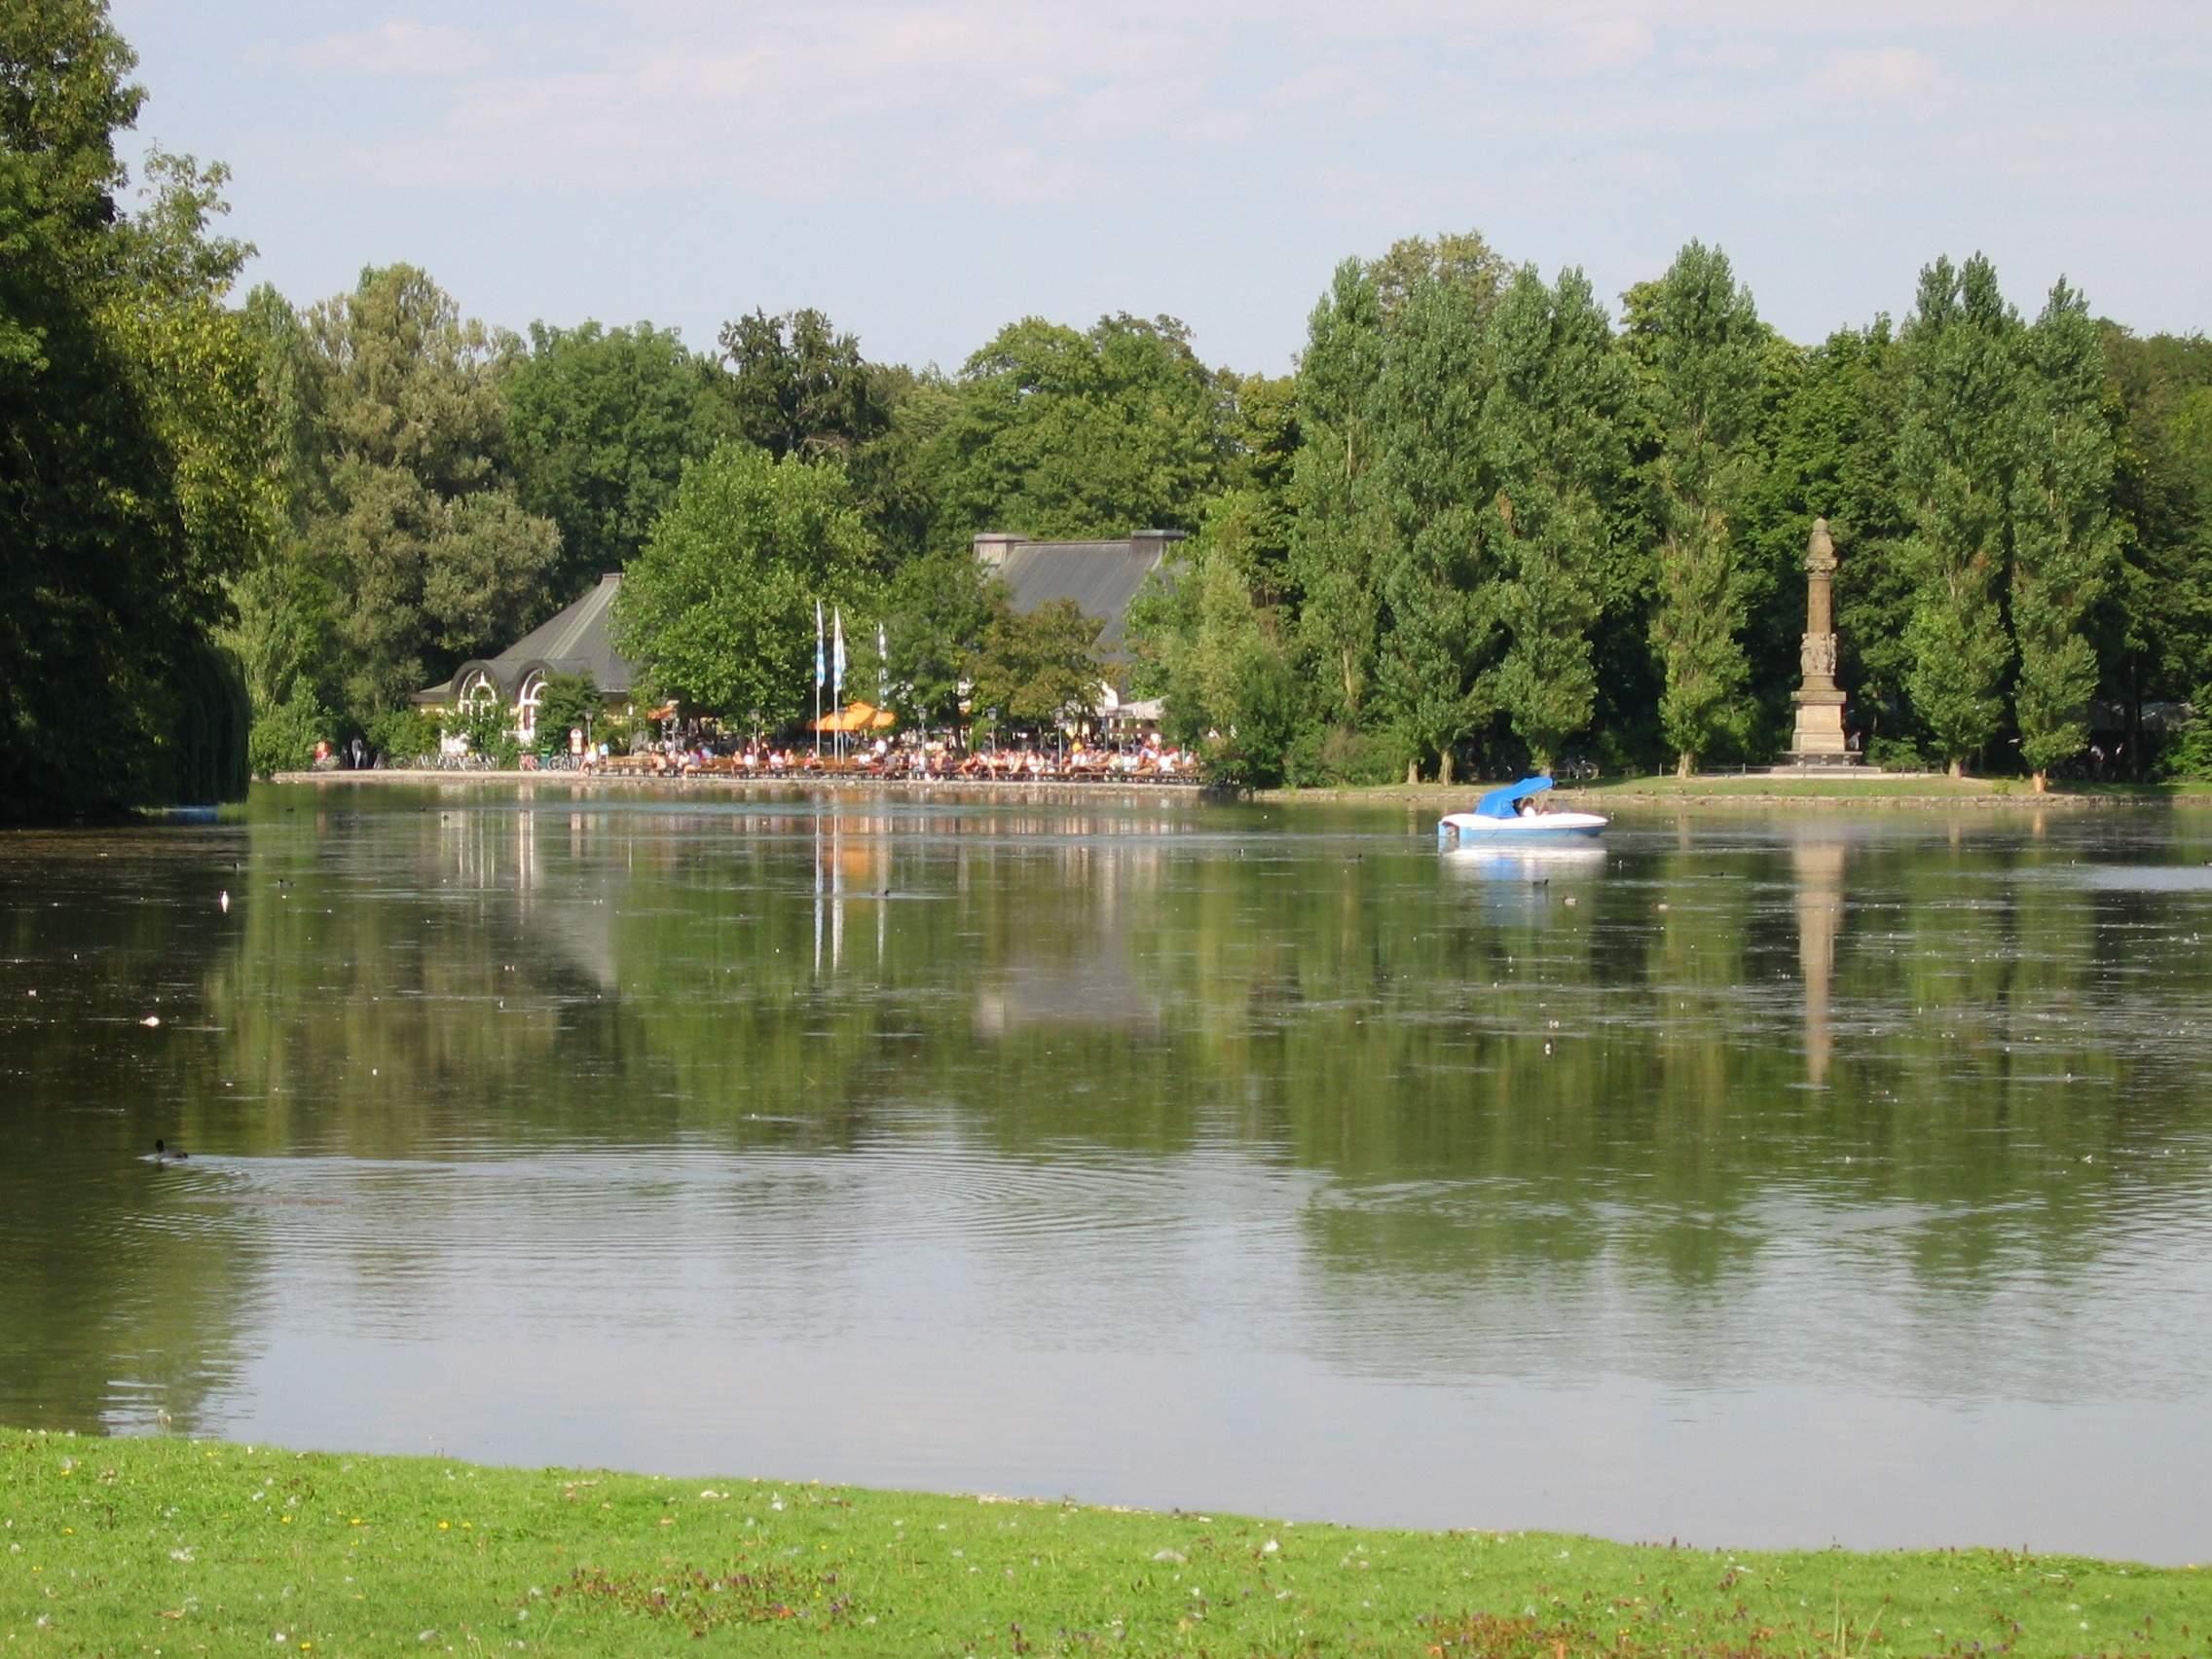 Seehaus Im Englischen Garten Frisch Datei Kleinhesseloher See Mit Denkmal Und Biergarten